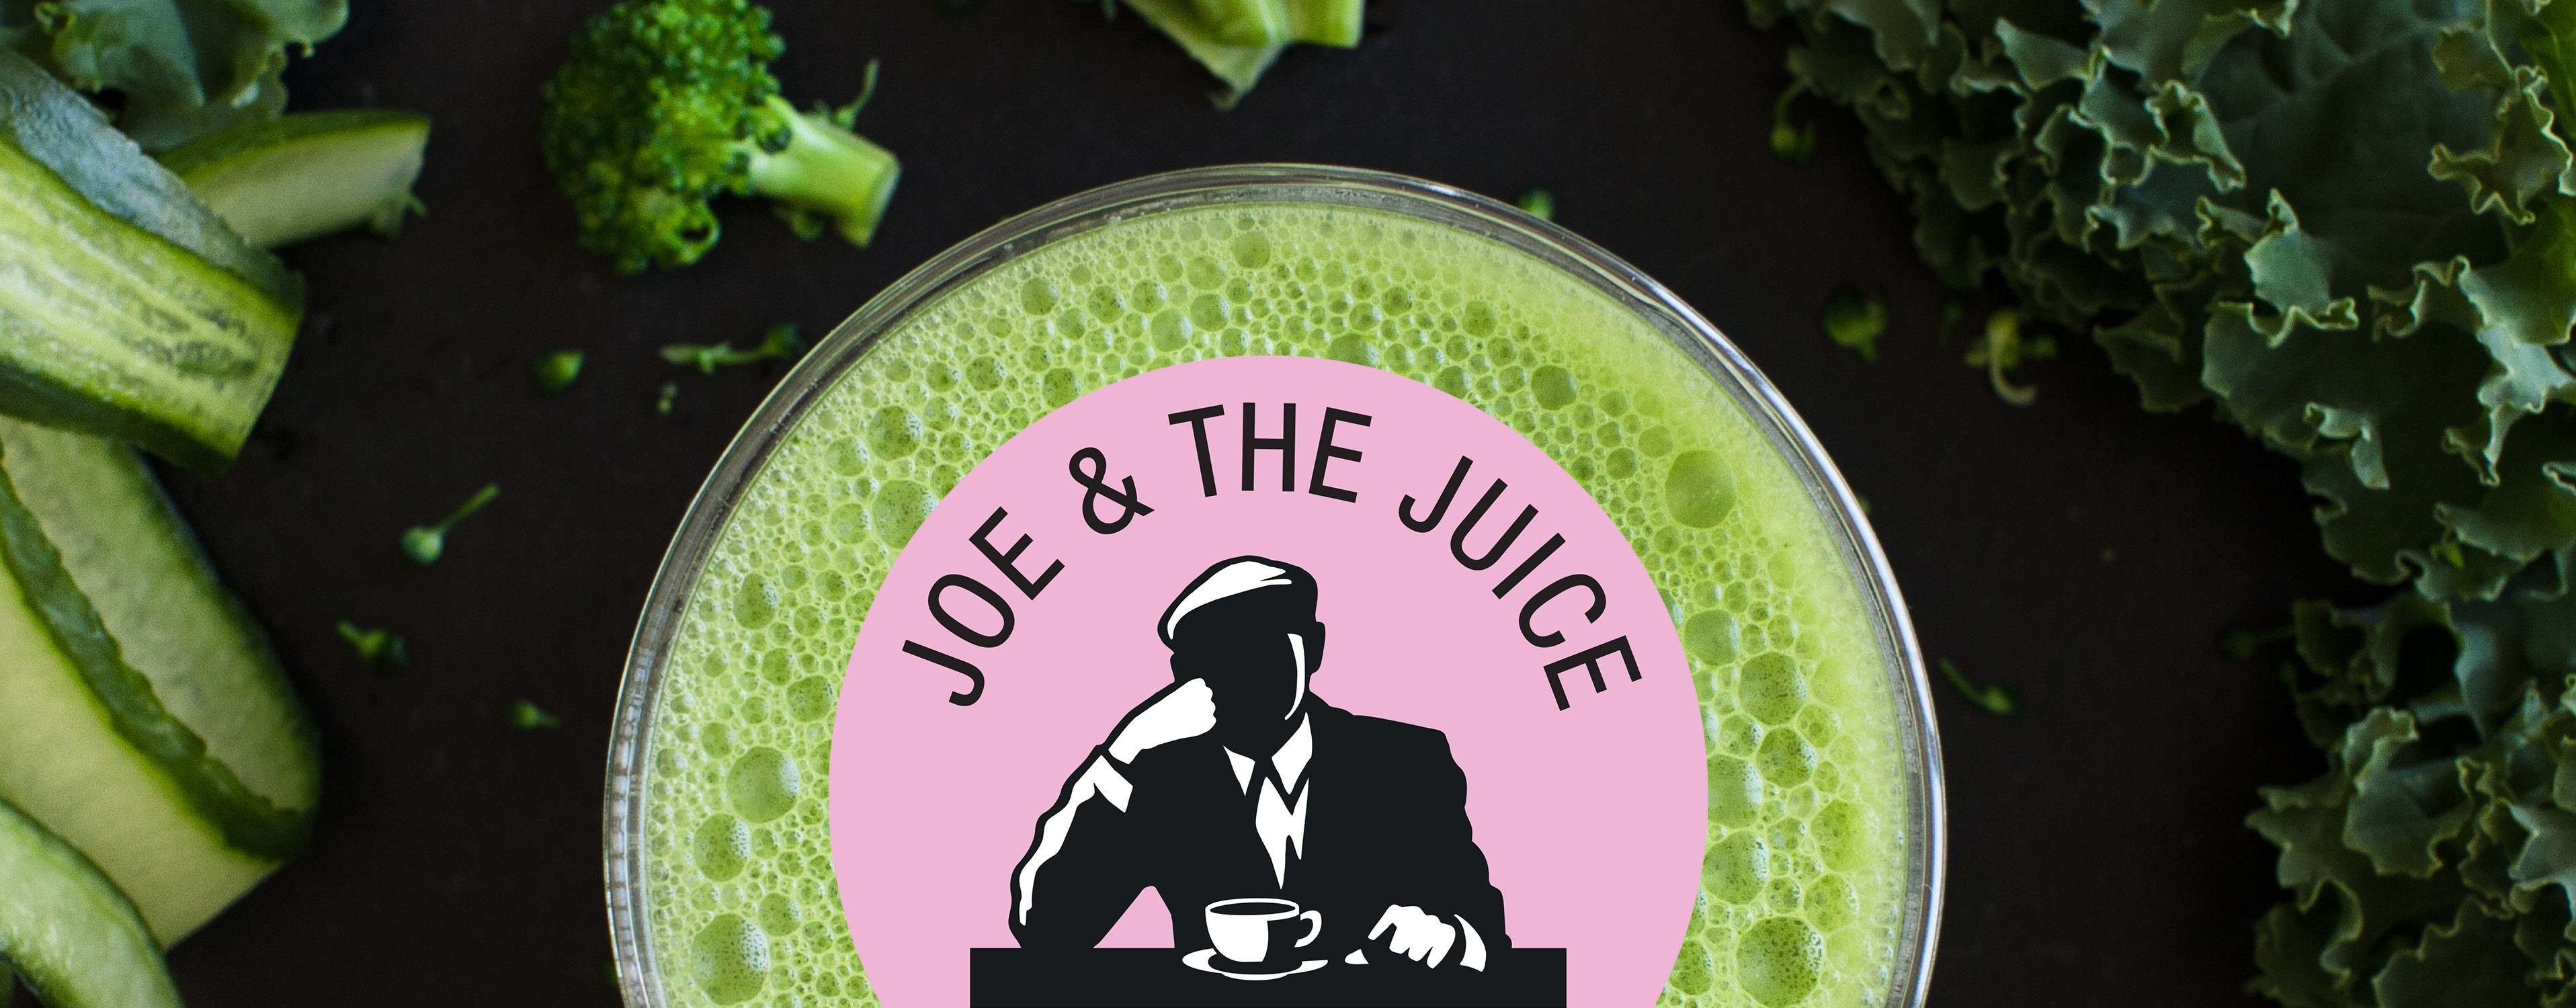 Joe & The Juice - Skrifstofa